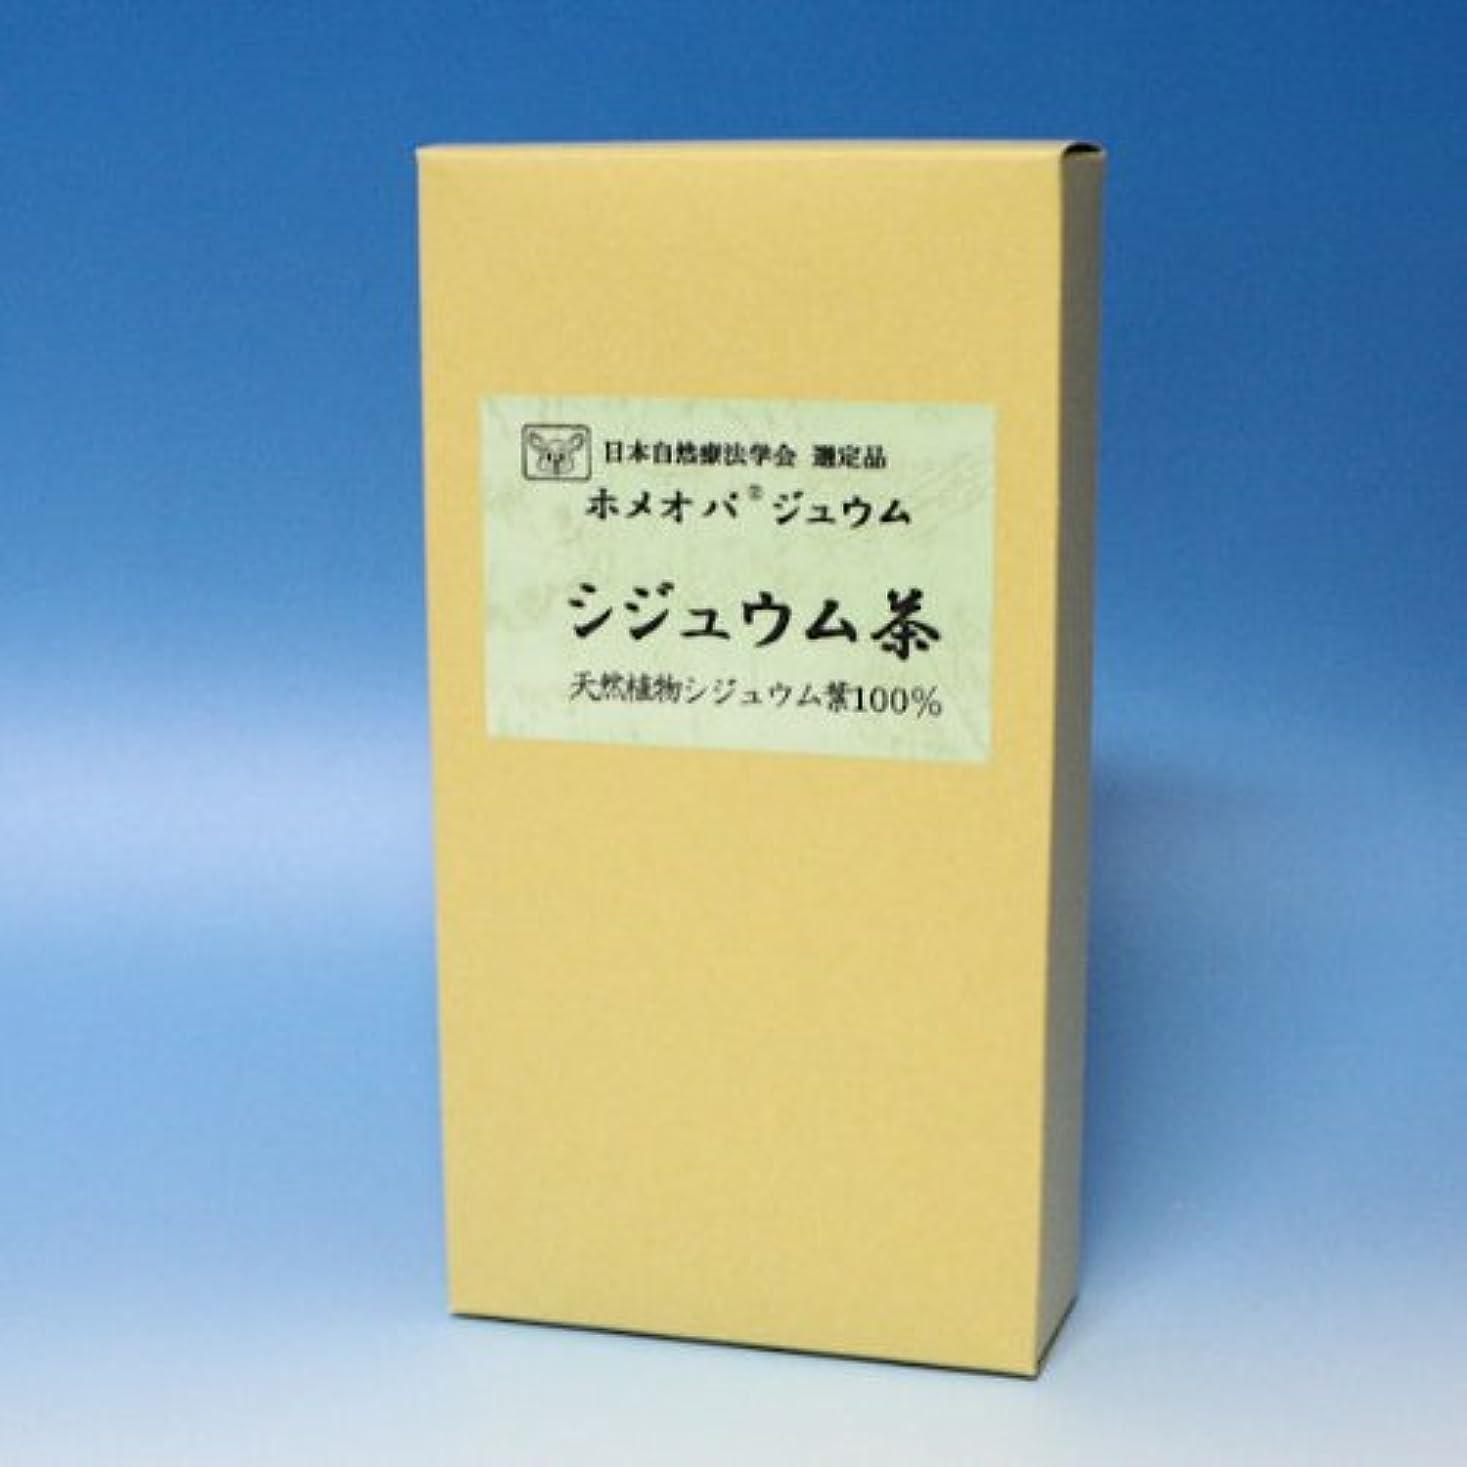 ハイジャック染色キリストシジュウム茶0.5g×90包